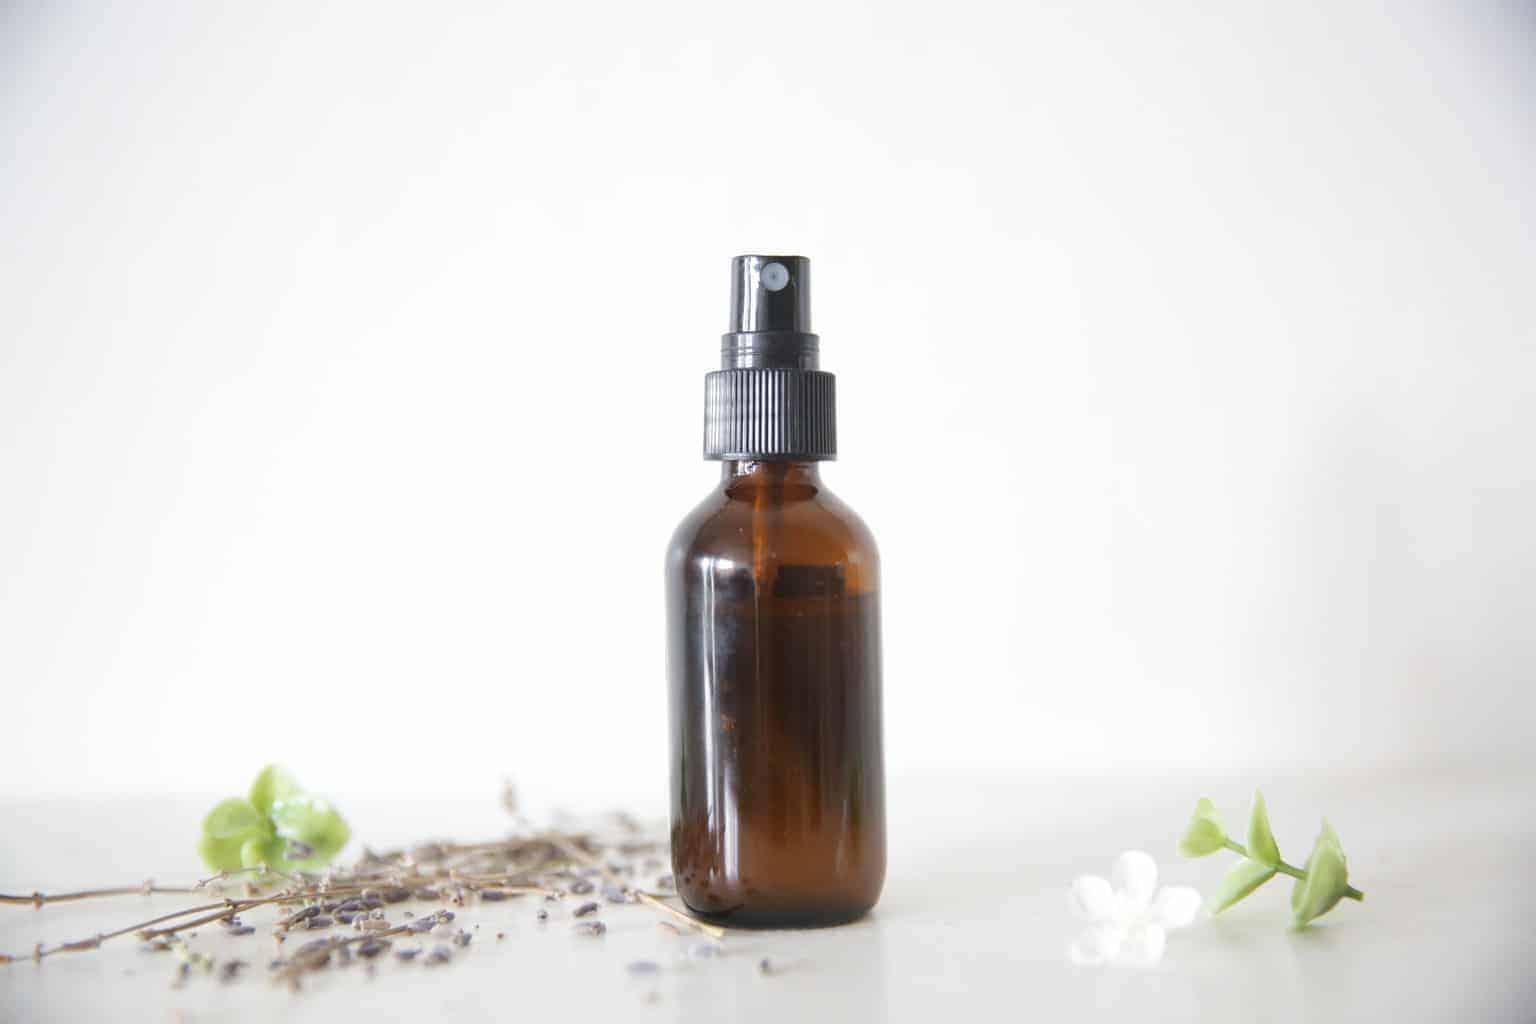 homemade poison ivy spray in glass bottle